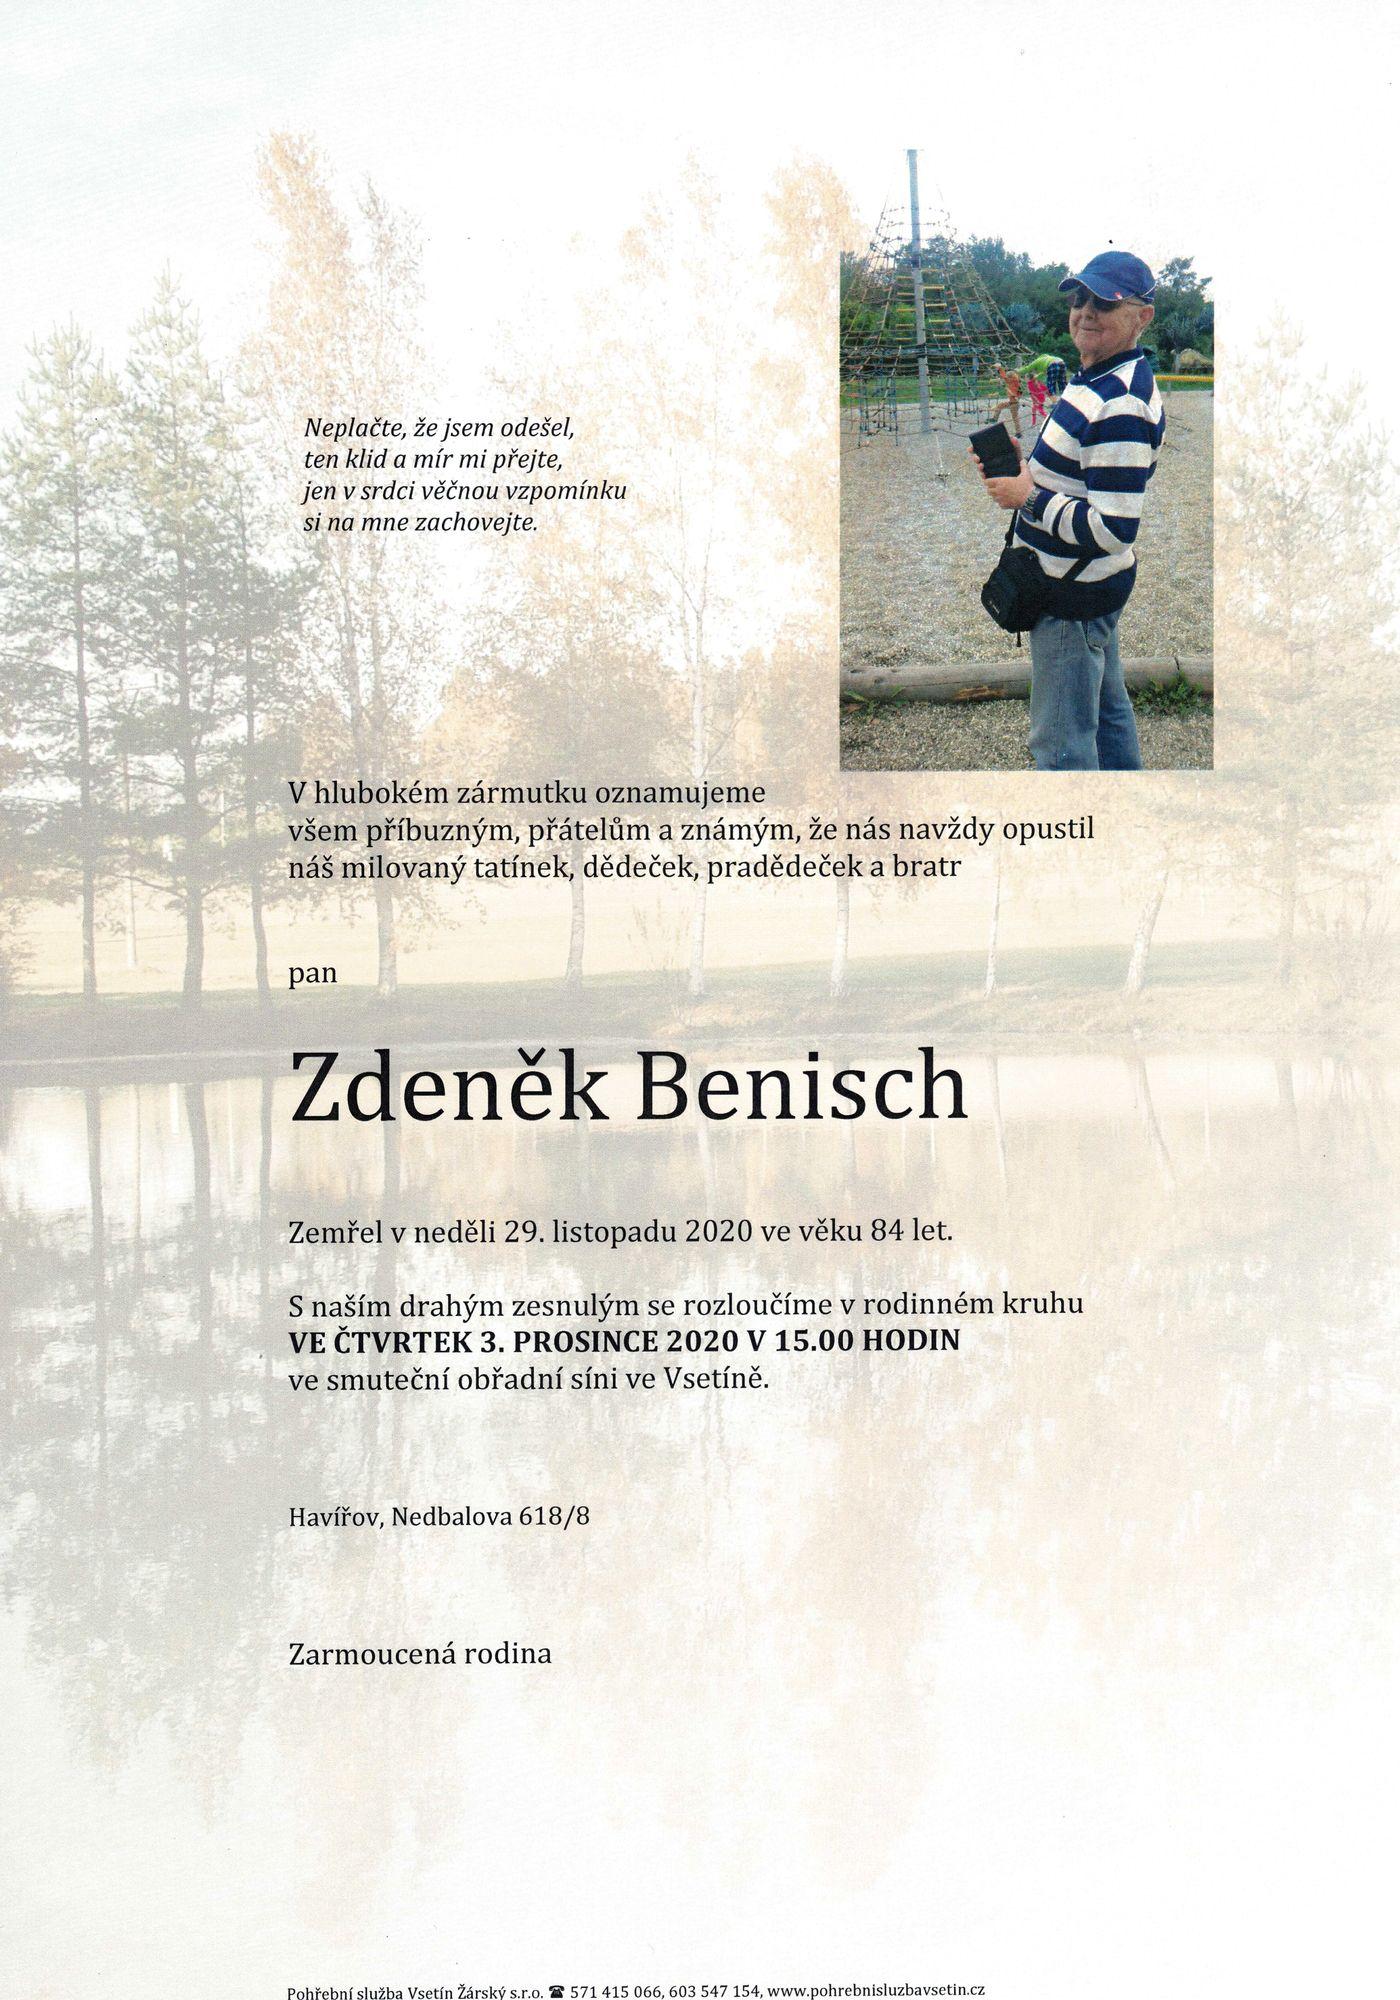 Zdeněk Benisch